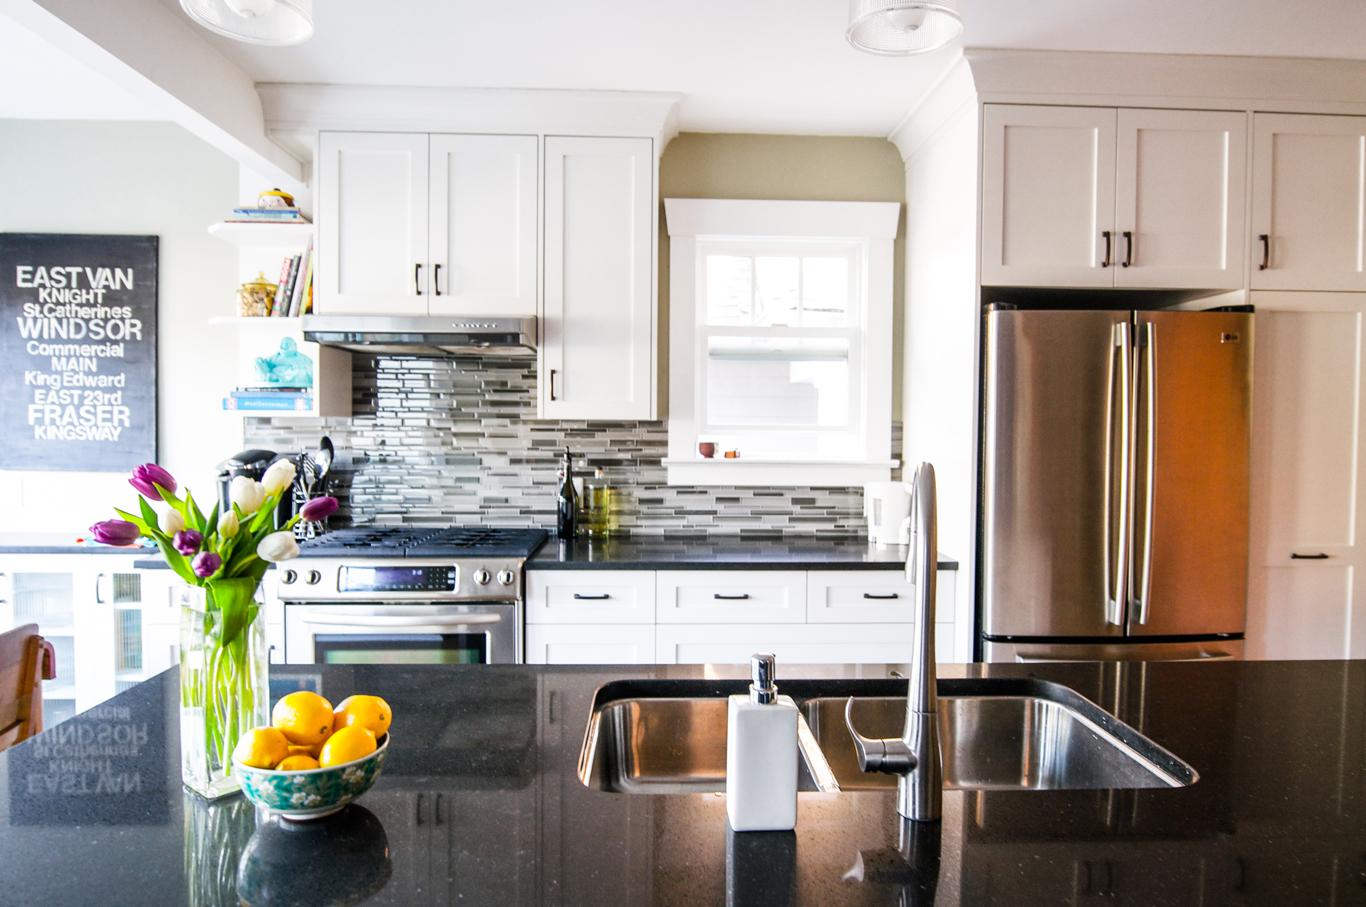 wilson-kitchen-construction-14.jpg